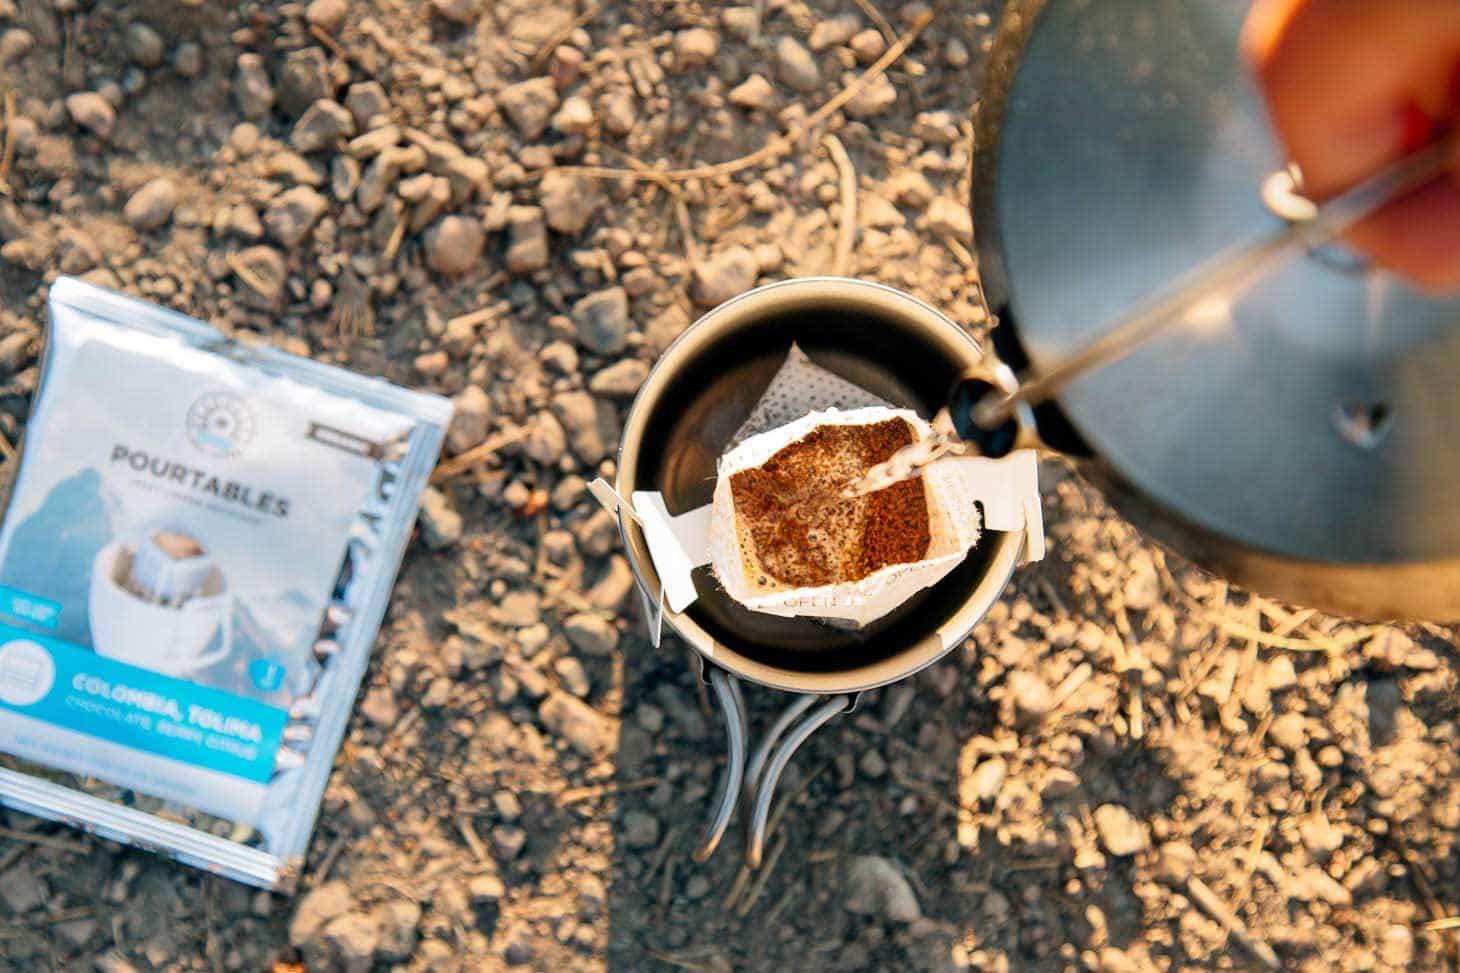 Libra portable pourover coffee for camping